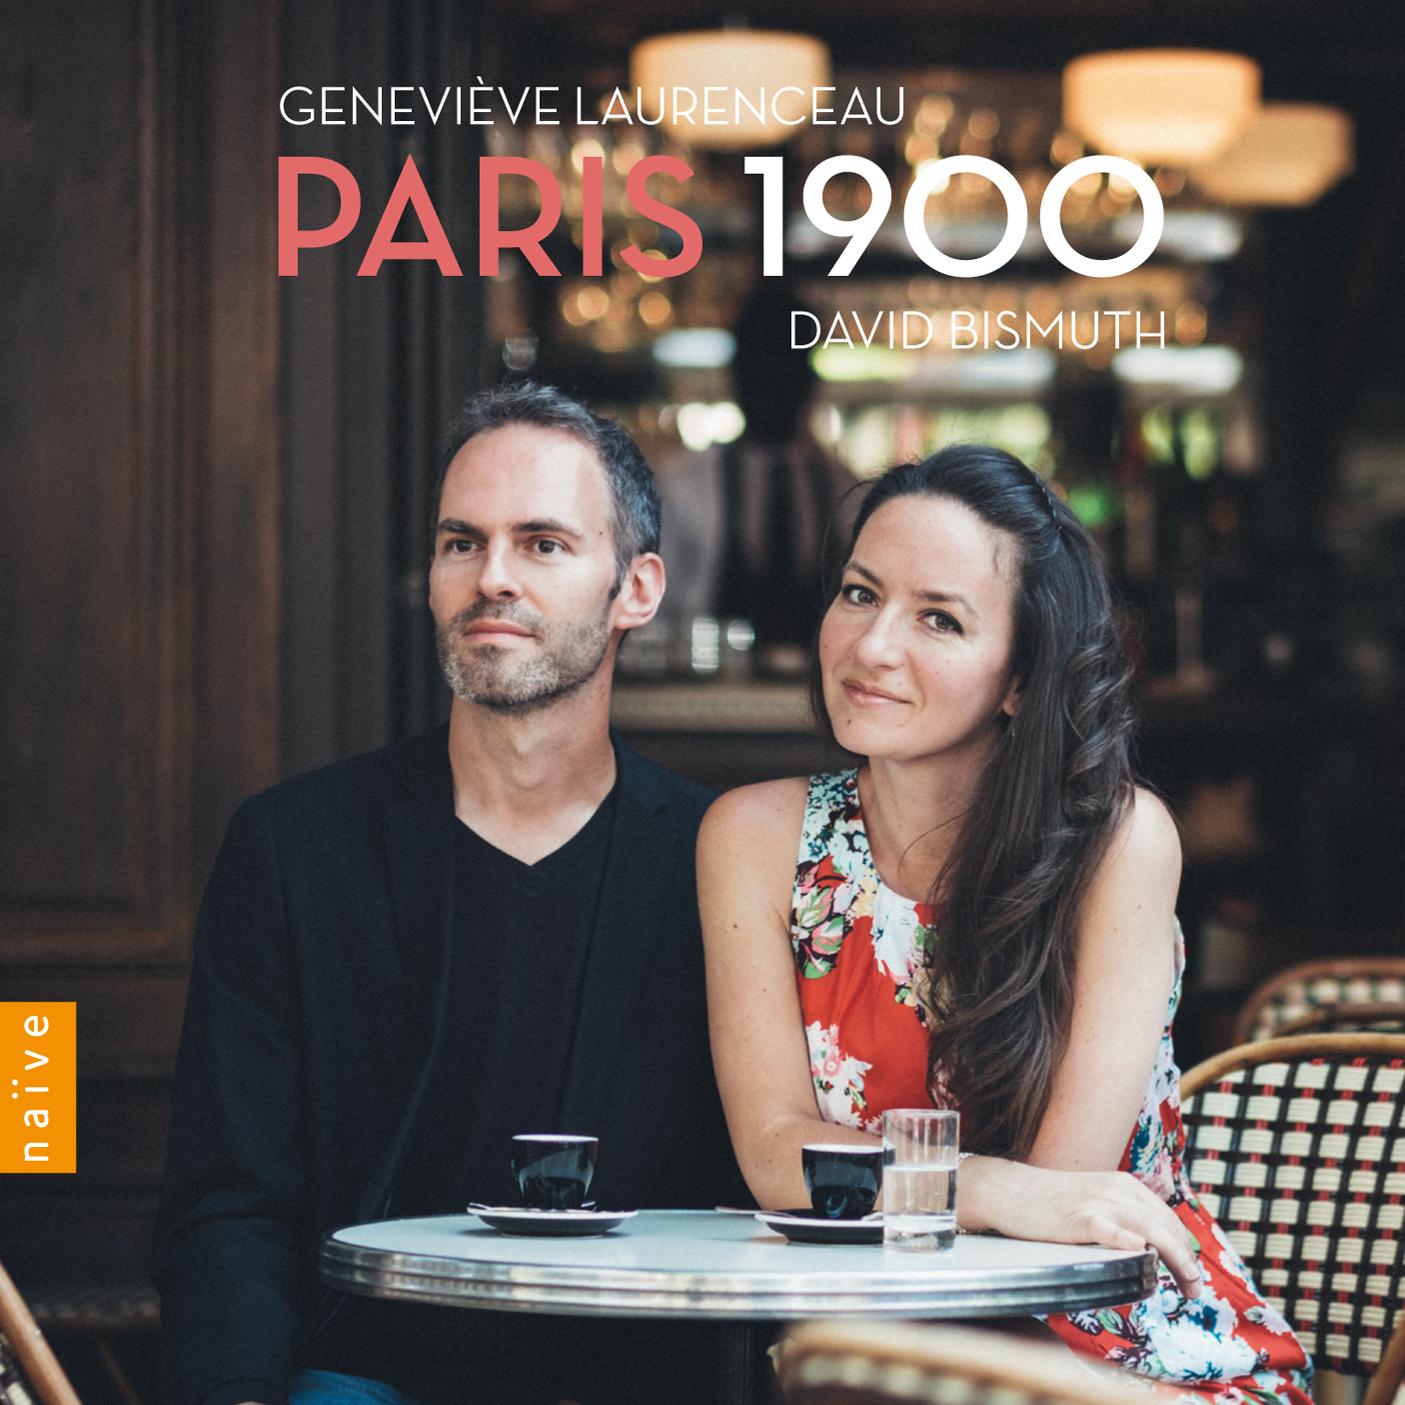 Paris 1900 (2017)